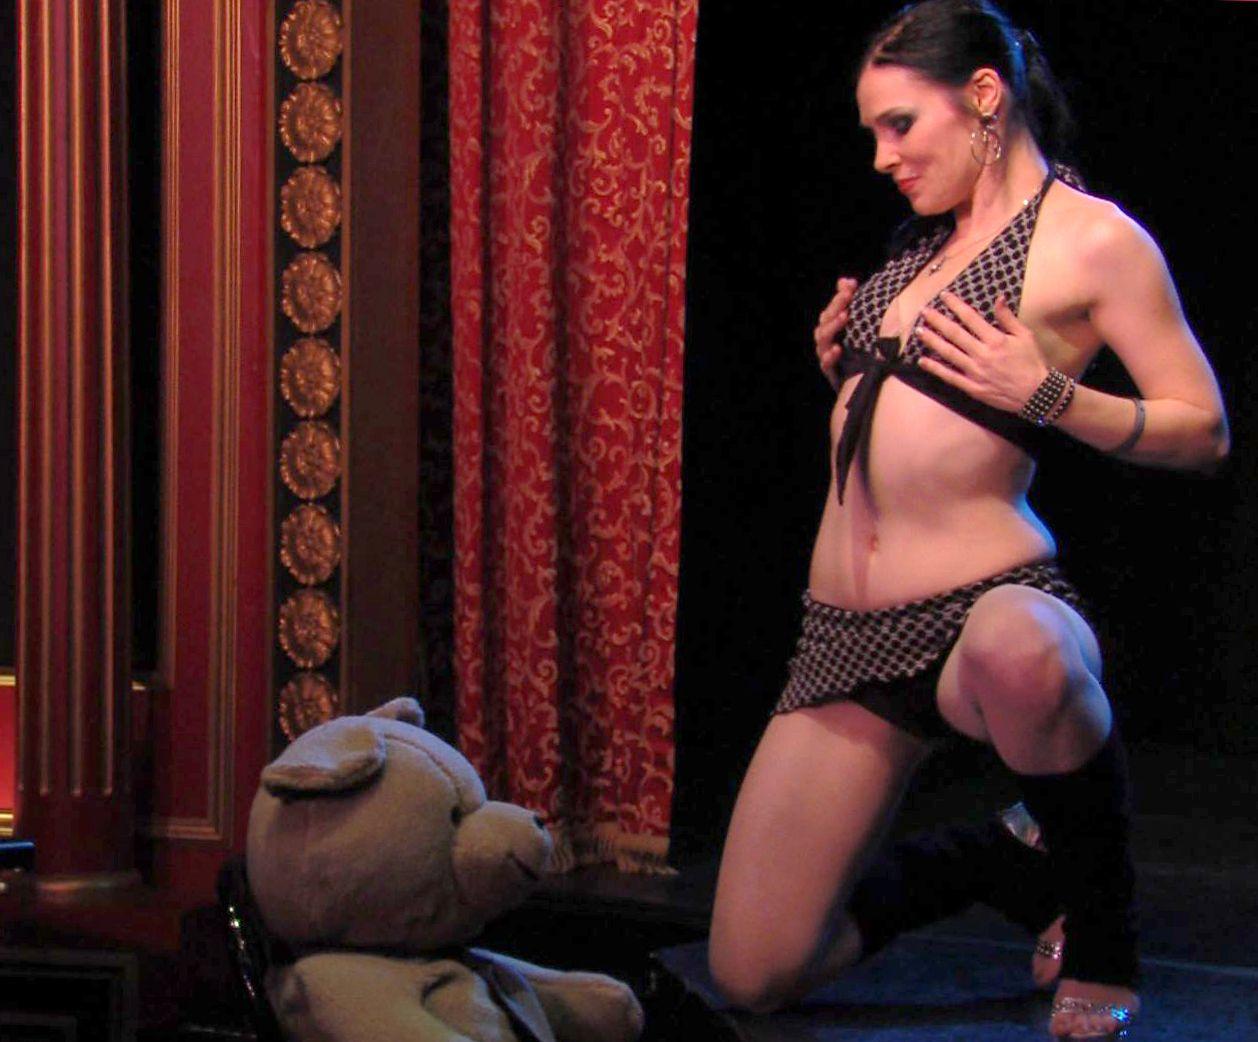 Striptease video